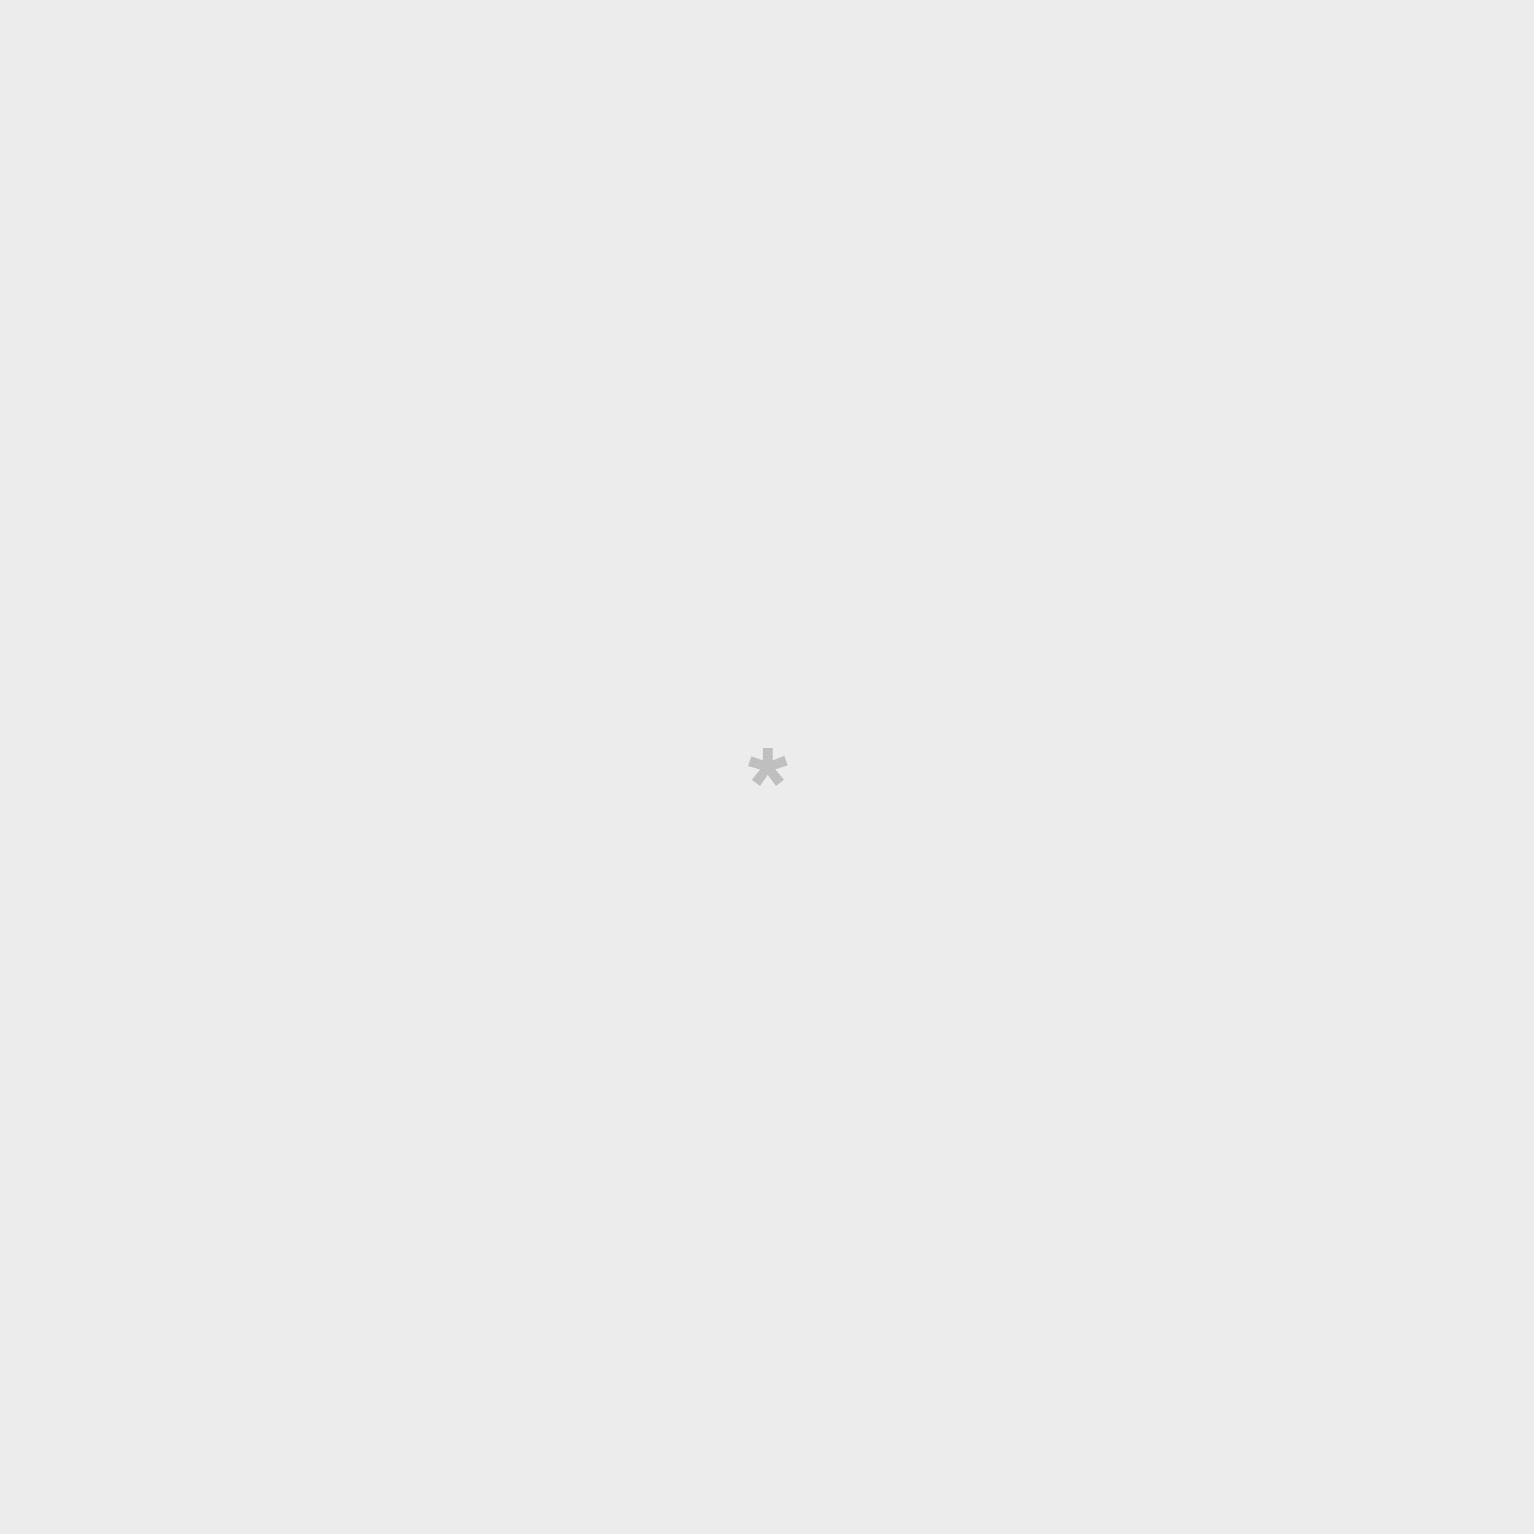 Caderno pequeno - Só me falta um nadinha para ter tudo